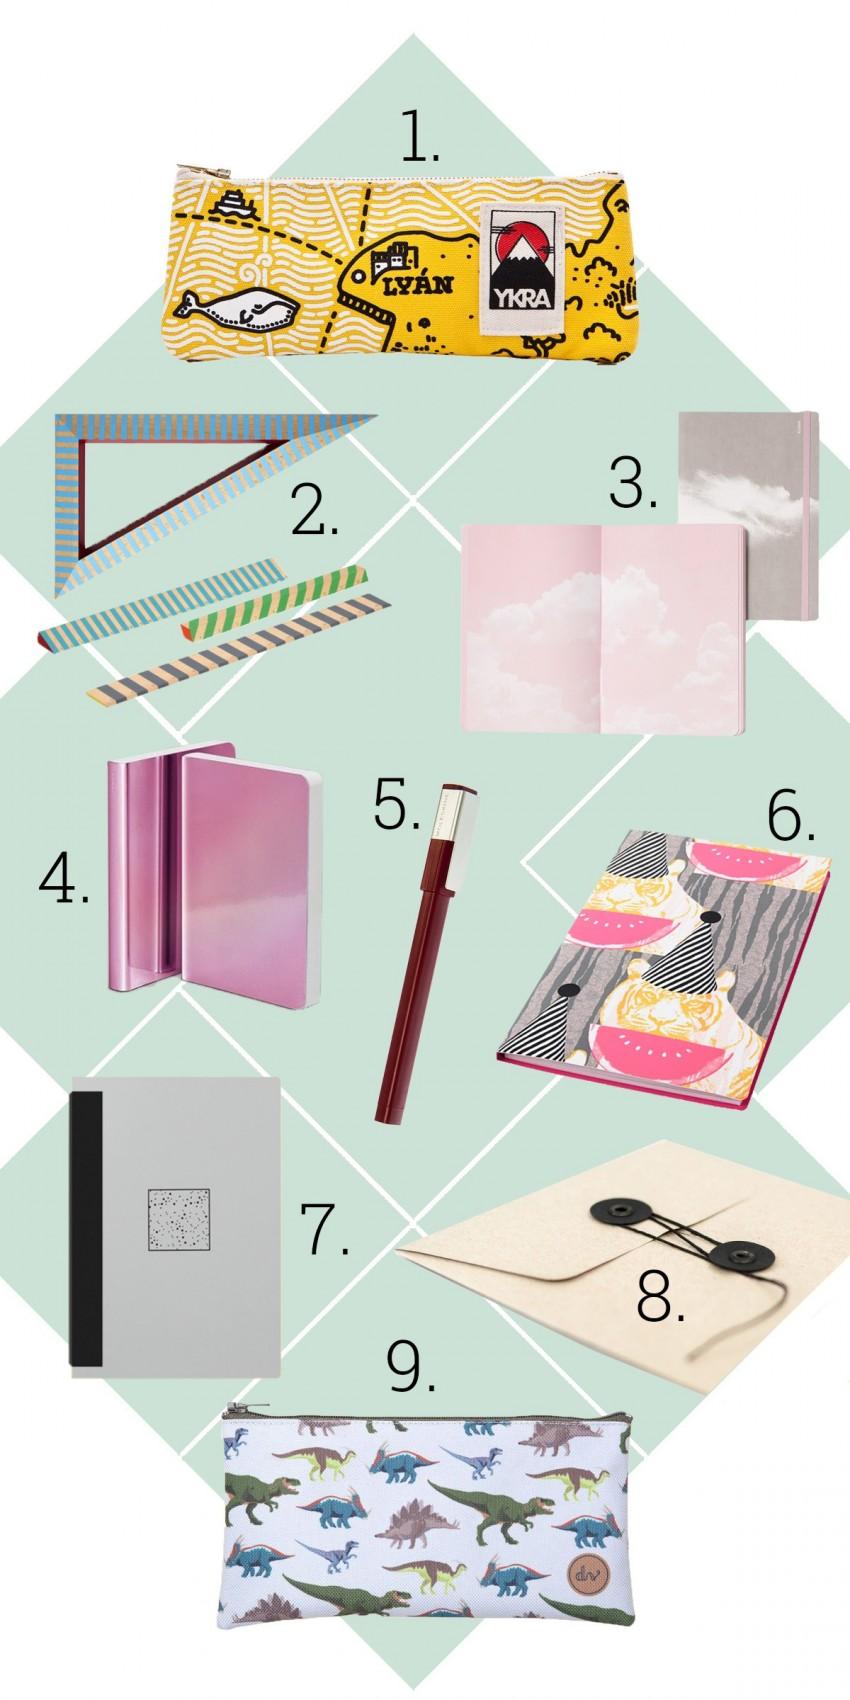 1. Ykra, 2. A+R, 3. Nuuna - Fiók, 4. Nuuna - Fiók, 5. Moleskine, 6. IKEA, 7. Papierniczeni - Fiók, 8. Papierniczeni -Fiók, 9. DVshop